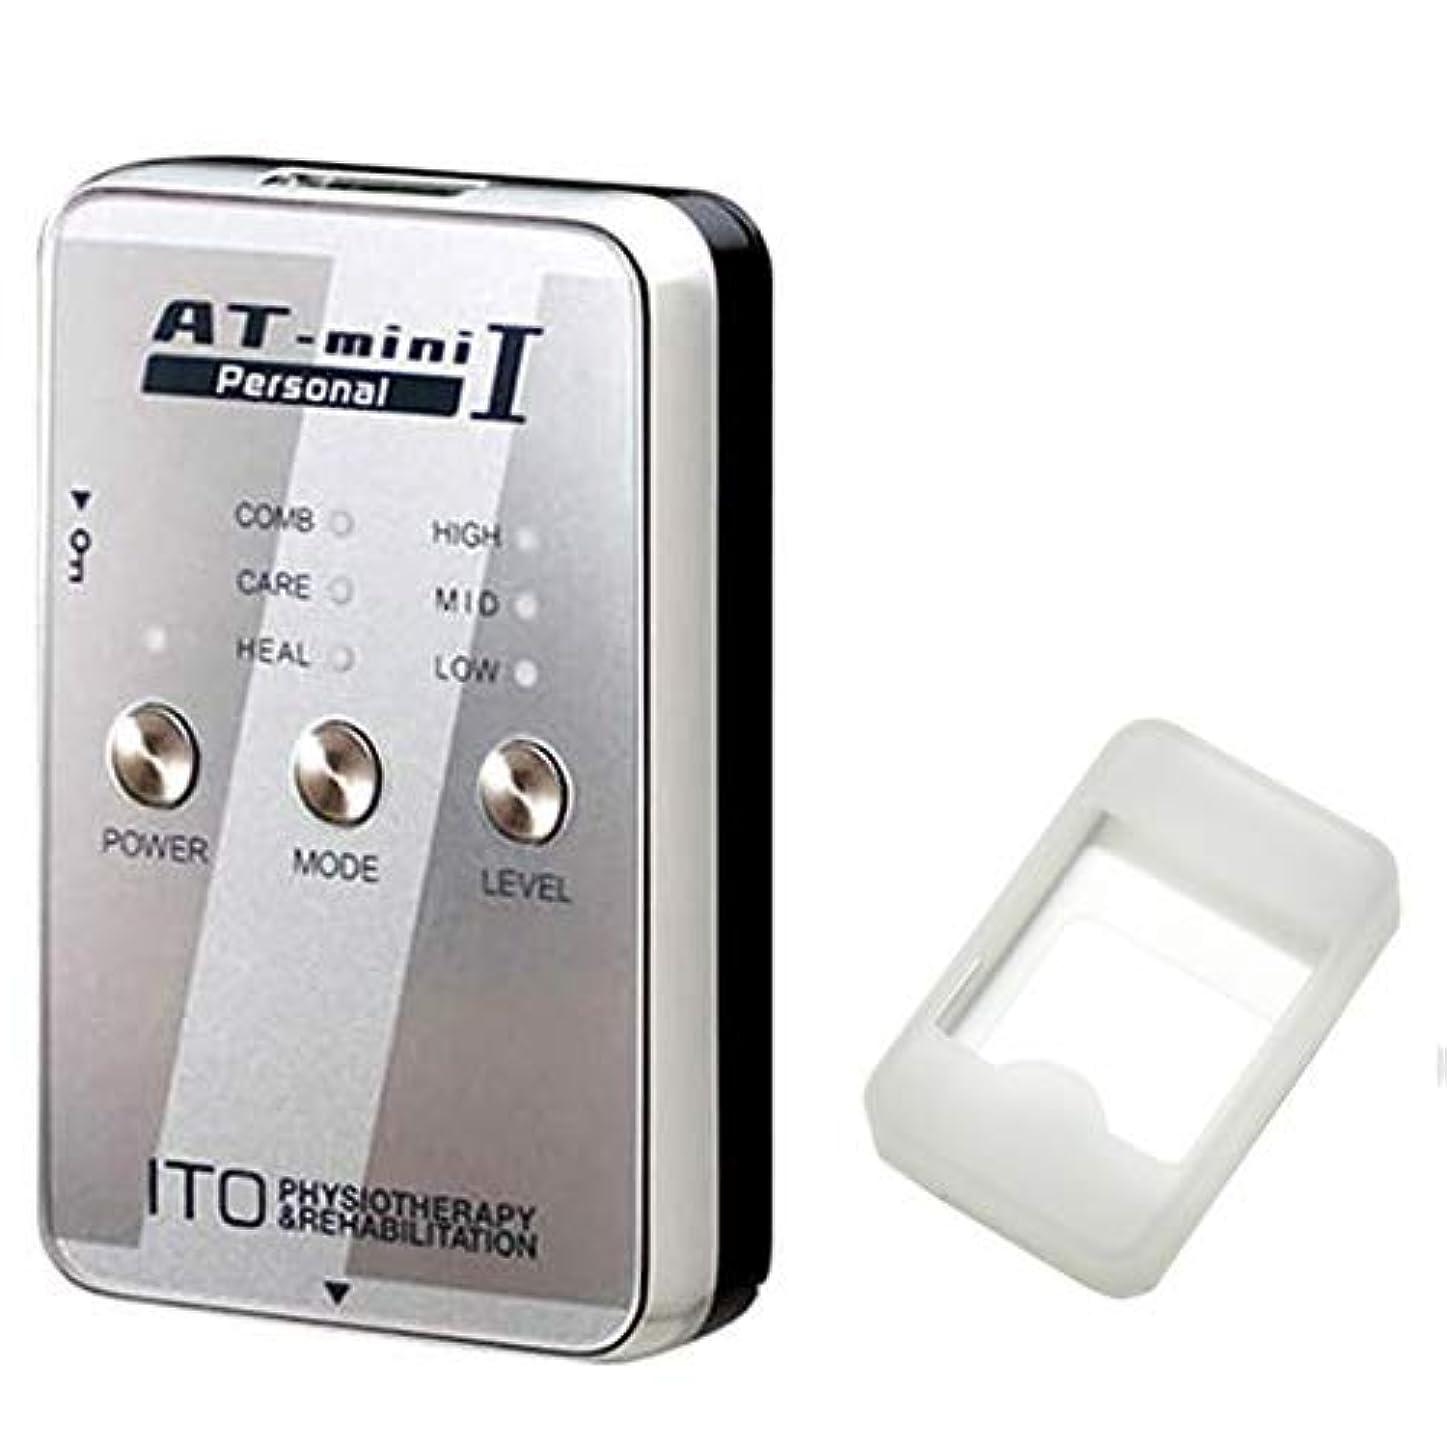 特権シャックル破産低周波治療器 AT-mini personal I シルバー (ATミニパーソナル1) + シリコン保護ケース